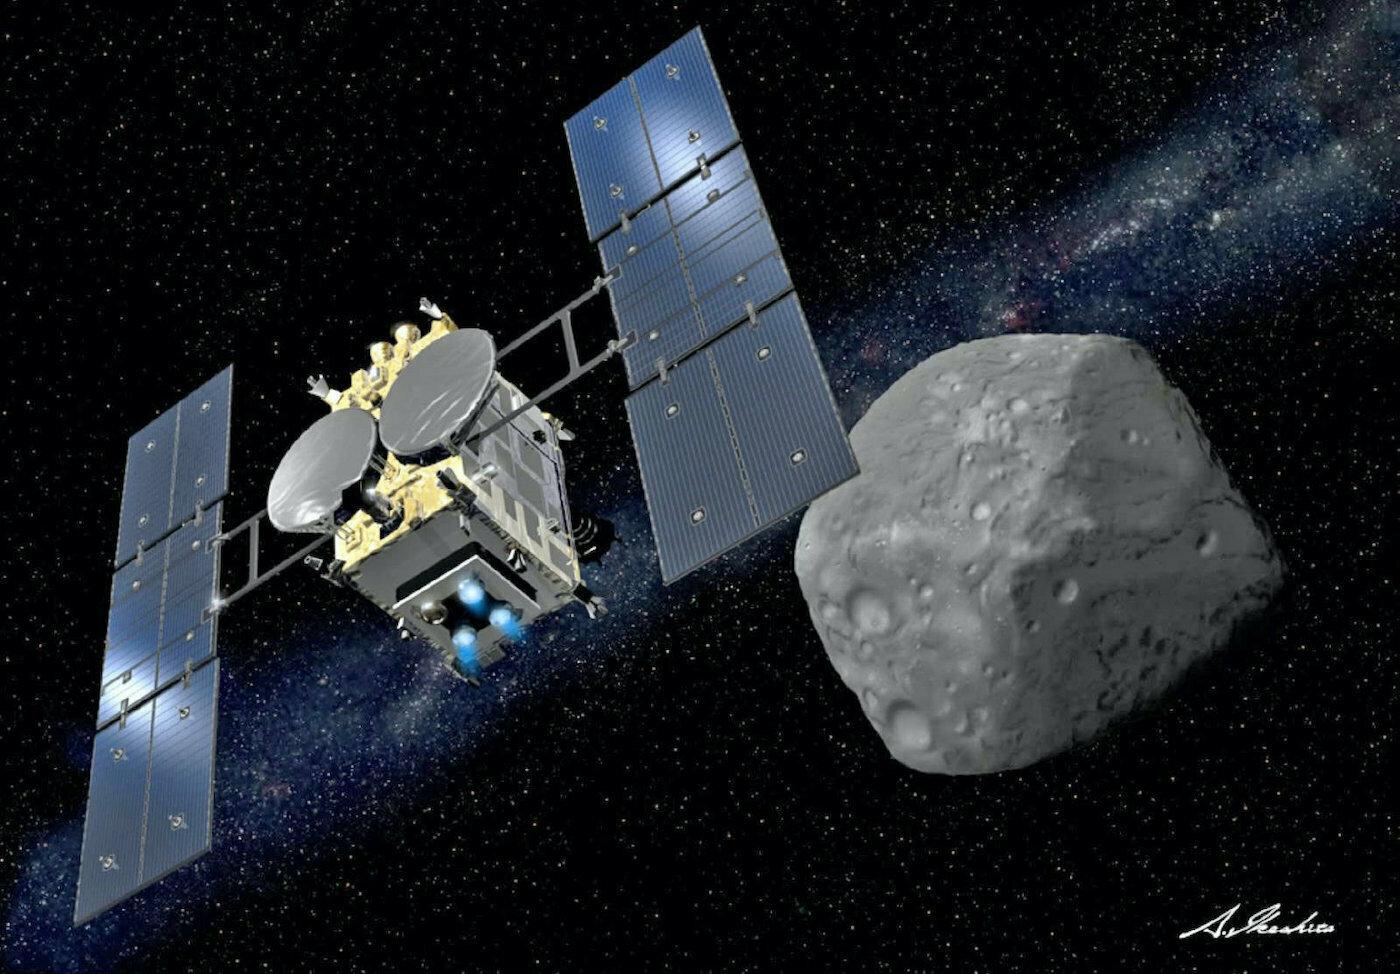 La sonde japonaise Hayabusa 2 débute son retour sur Terre